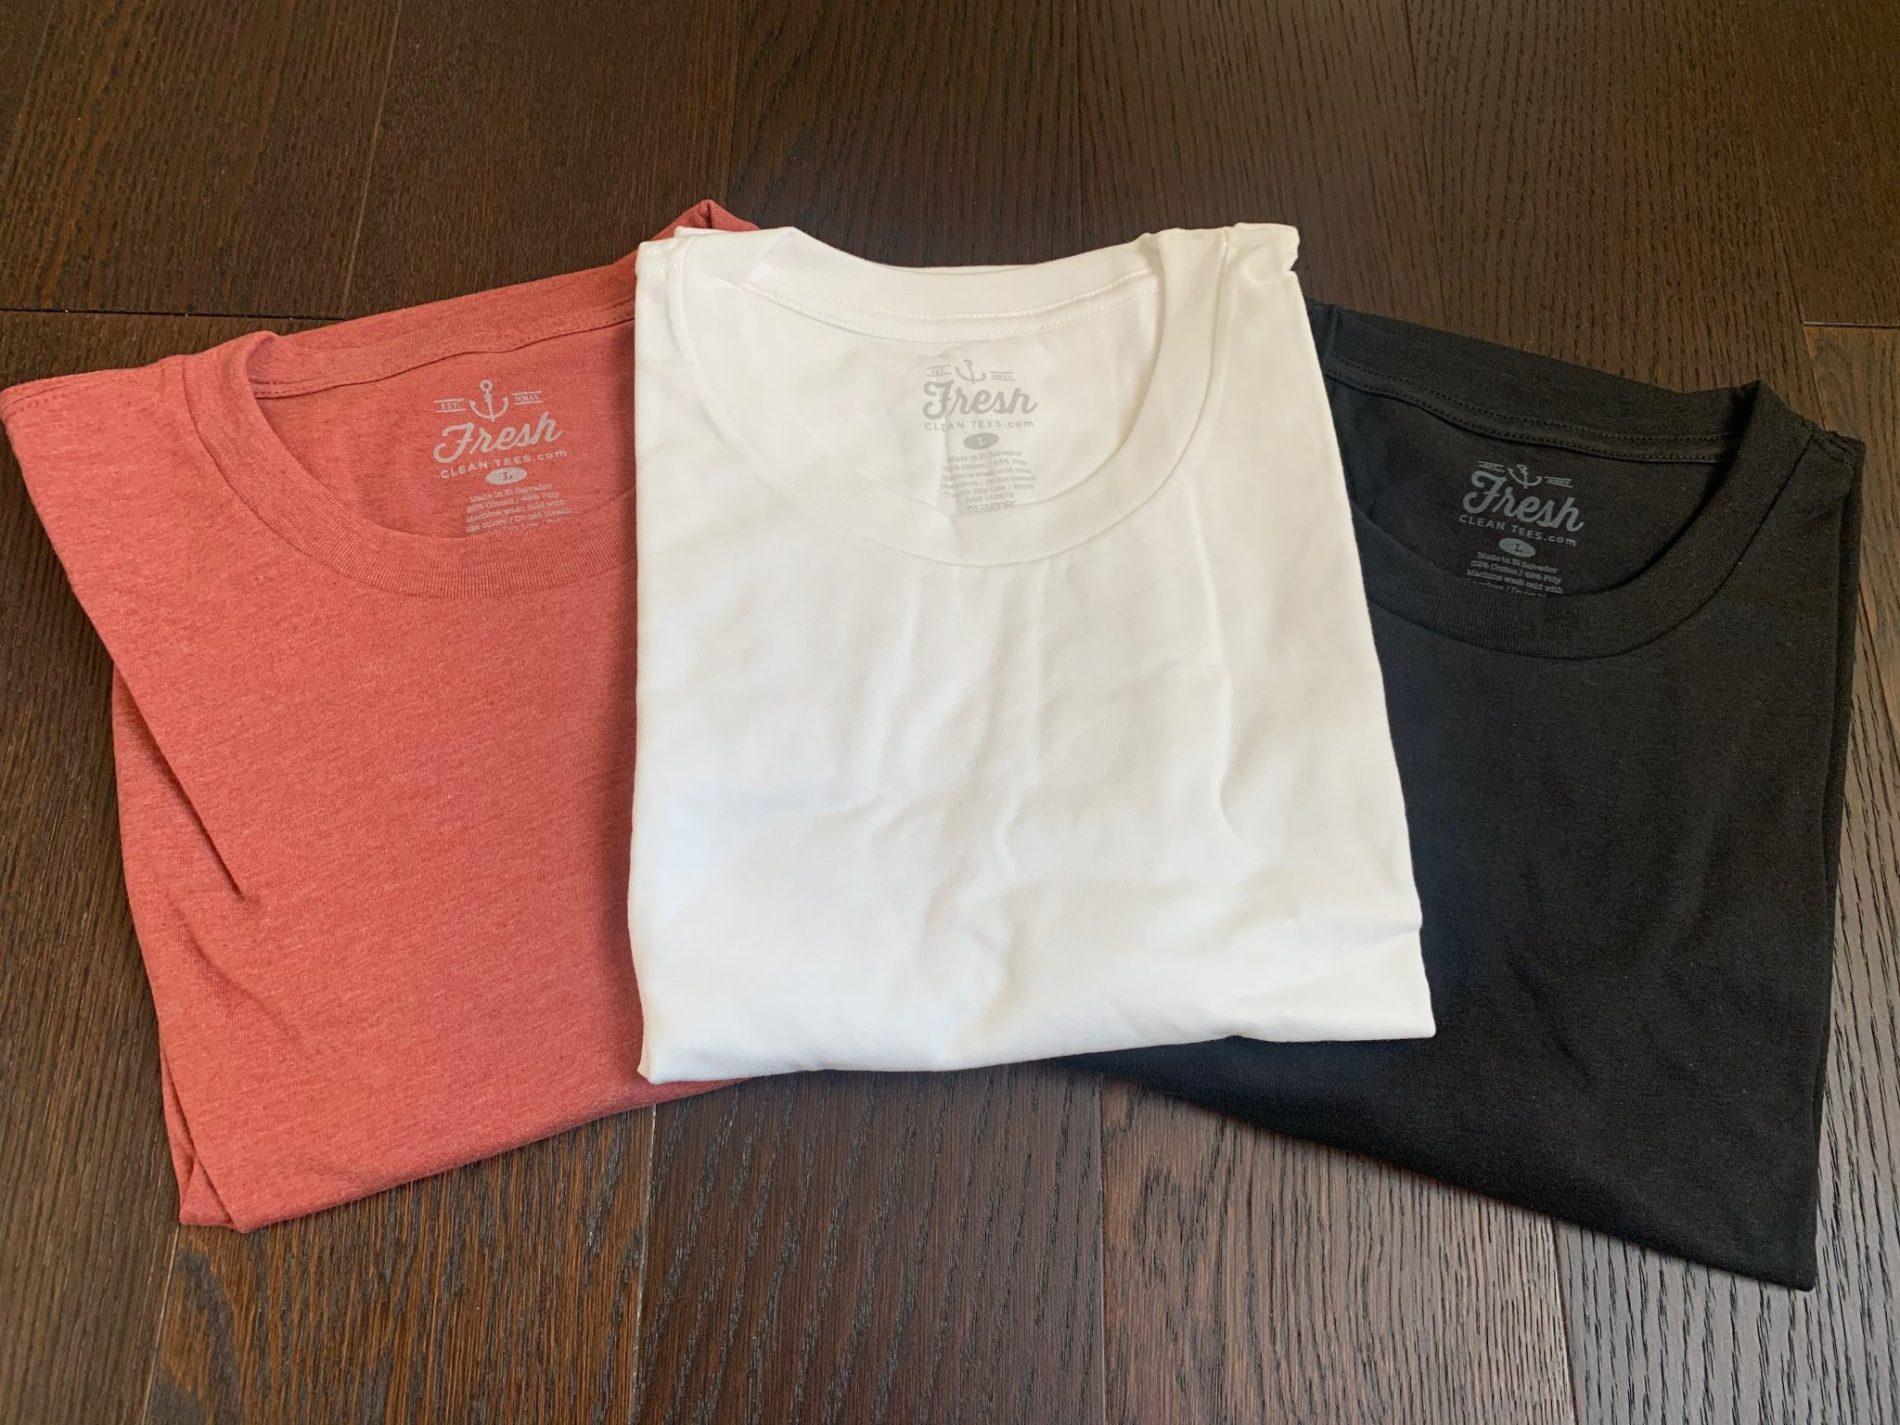 Fresh Clean Tees Shirt Club Review – March 2020